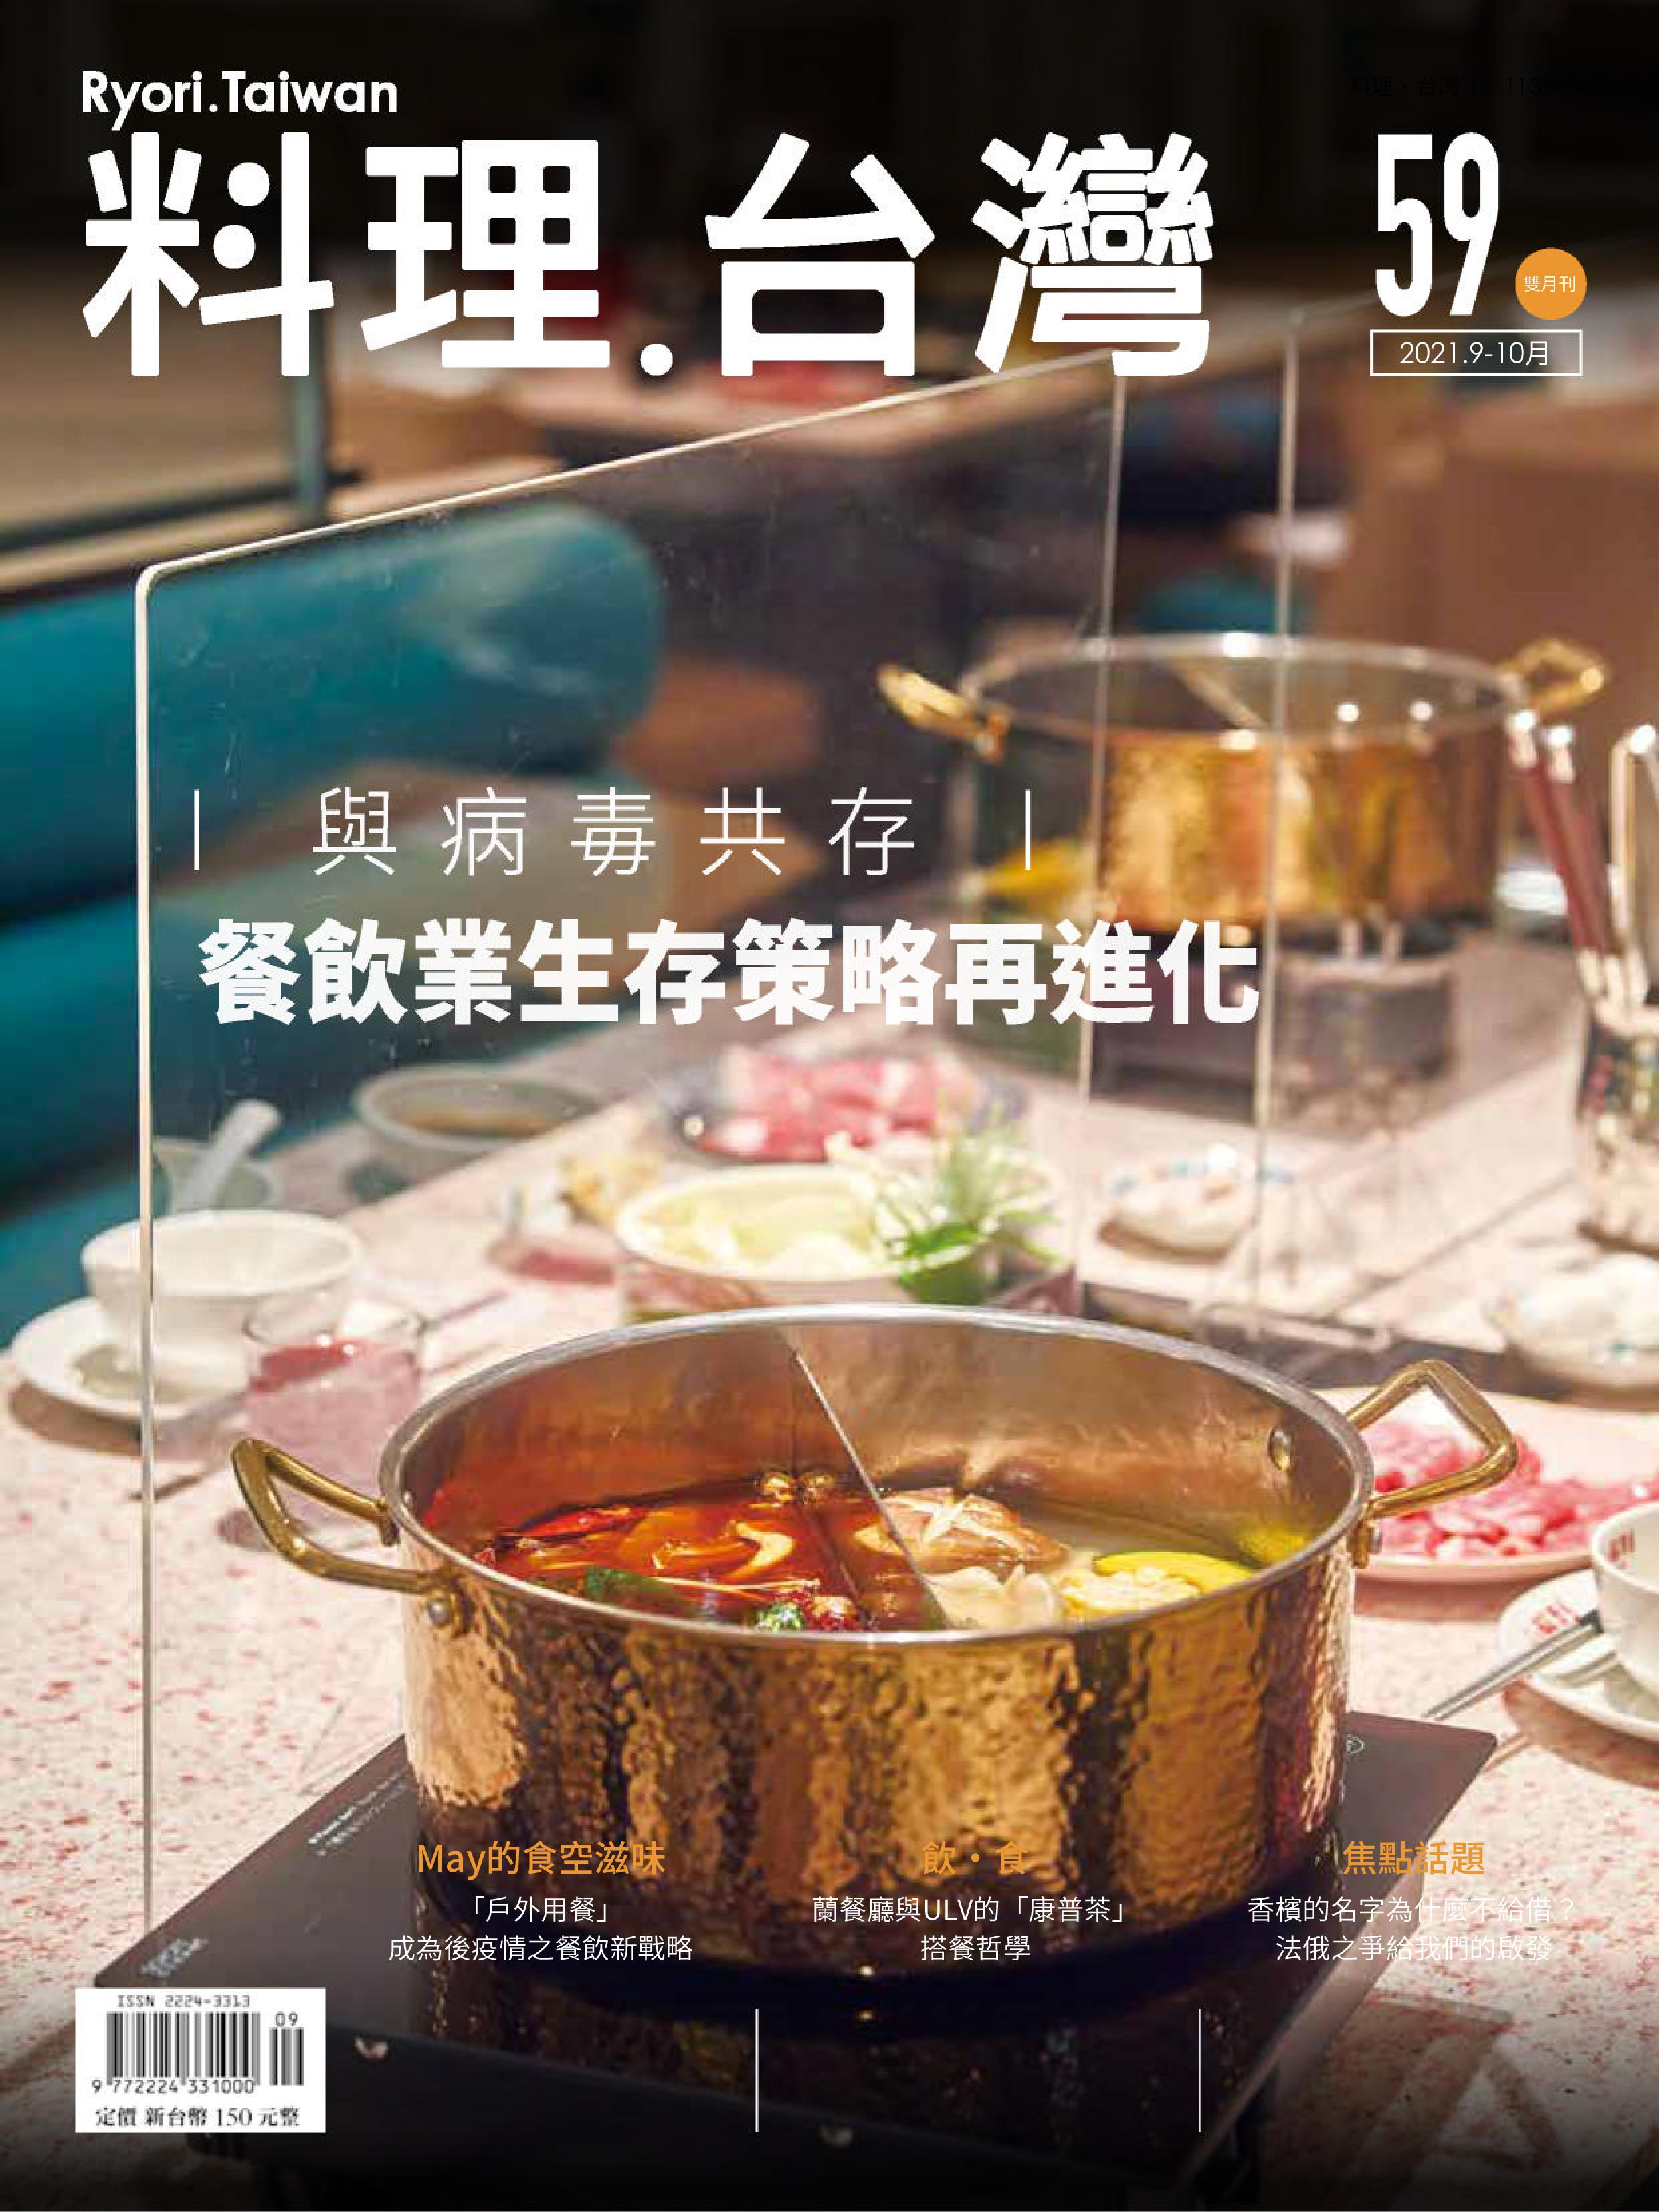 Ryori.Taiwan 料理‧台灣 - 九月 07, 2021